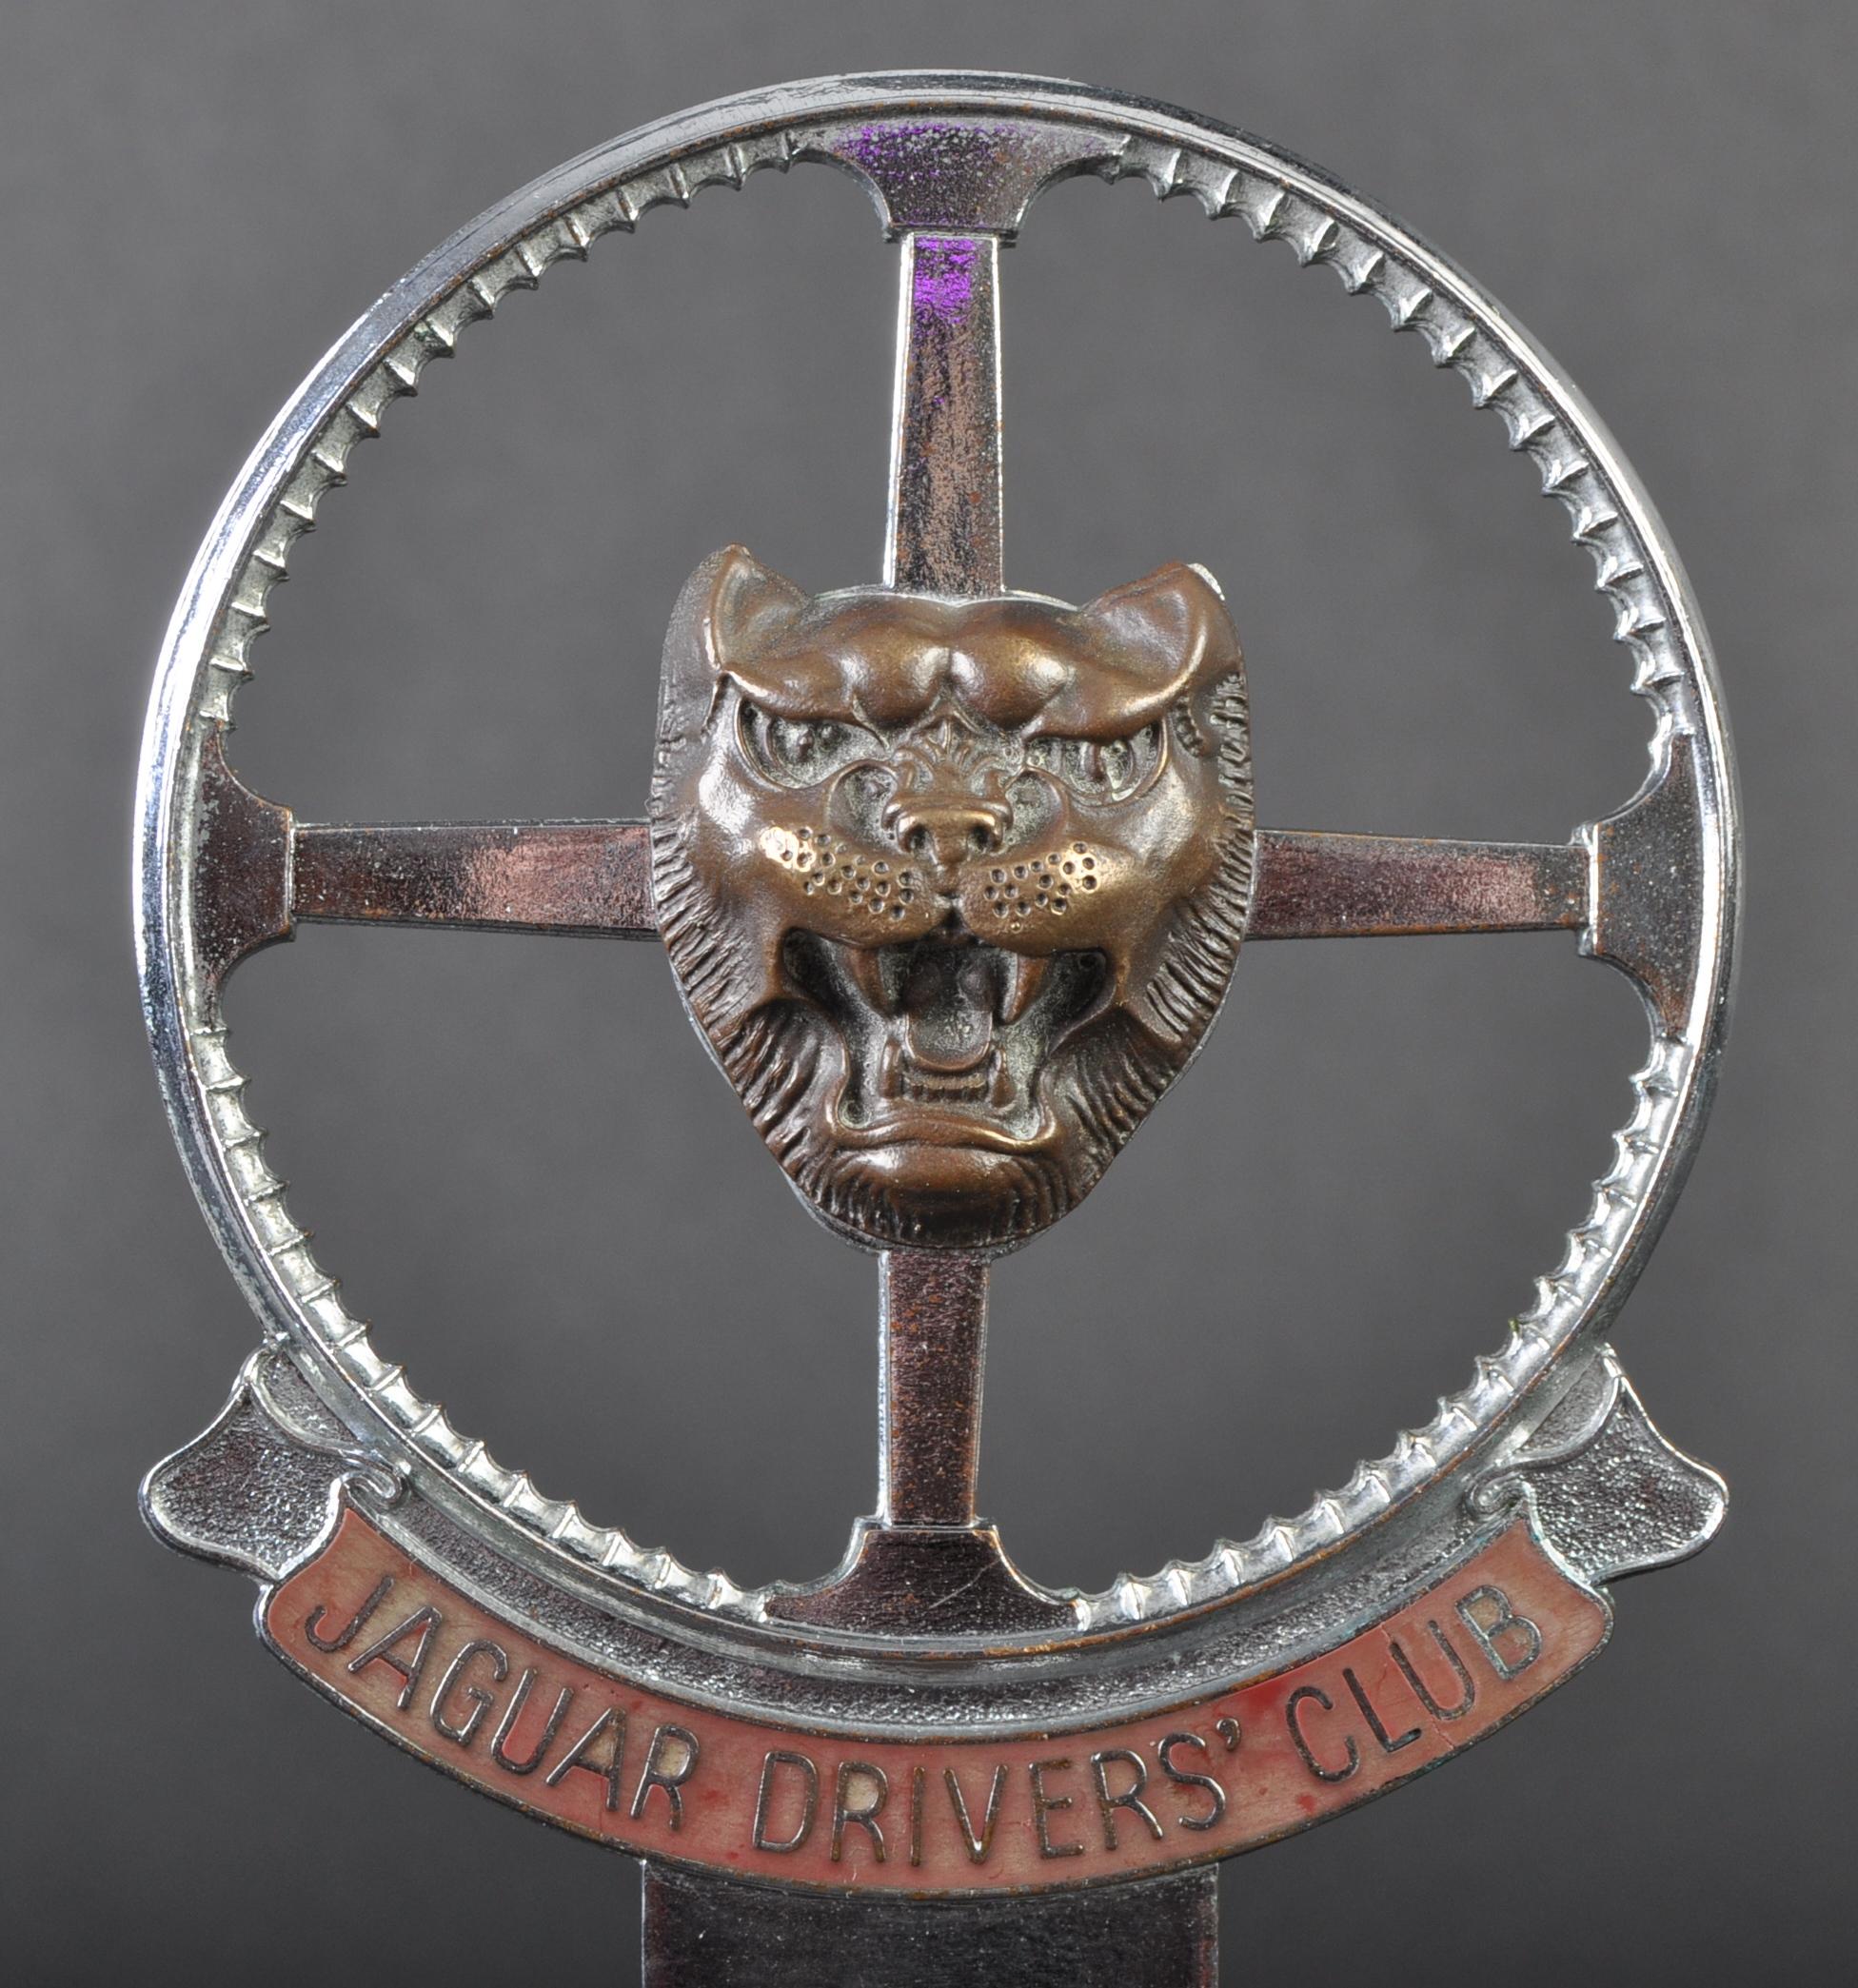 JAGUAR - EARLY JAGUAR DRIVER'S CLUB ENAMEL CAR BADGE - Image 2 of 4